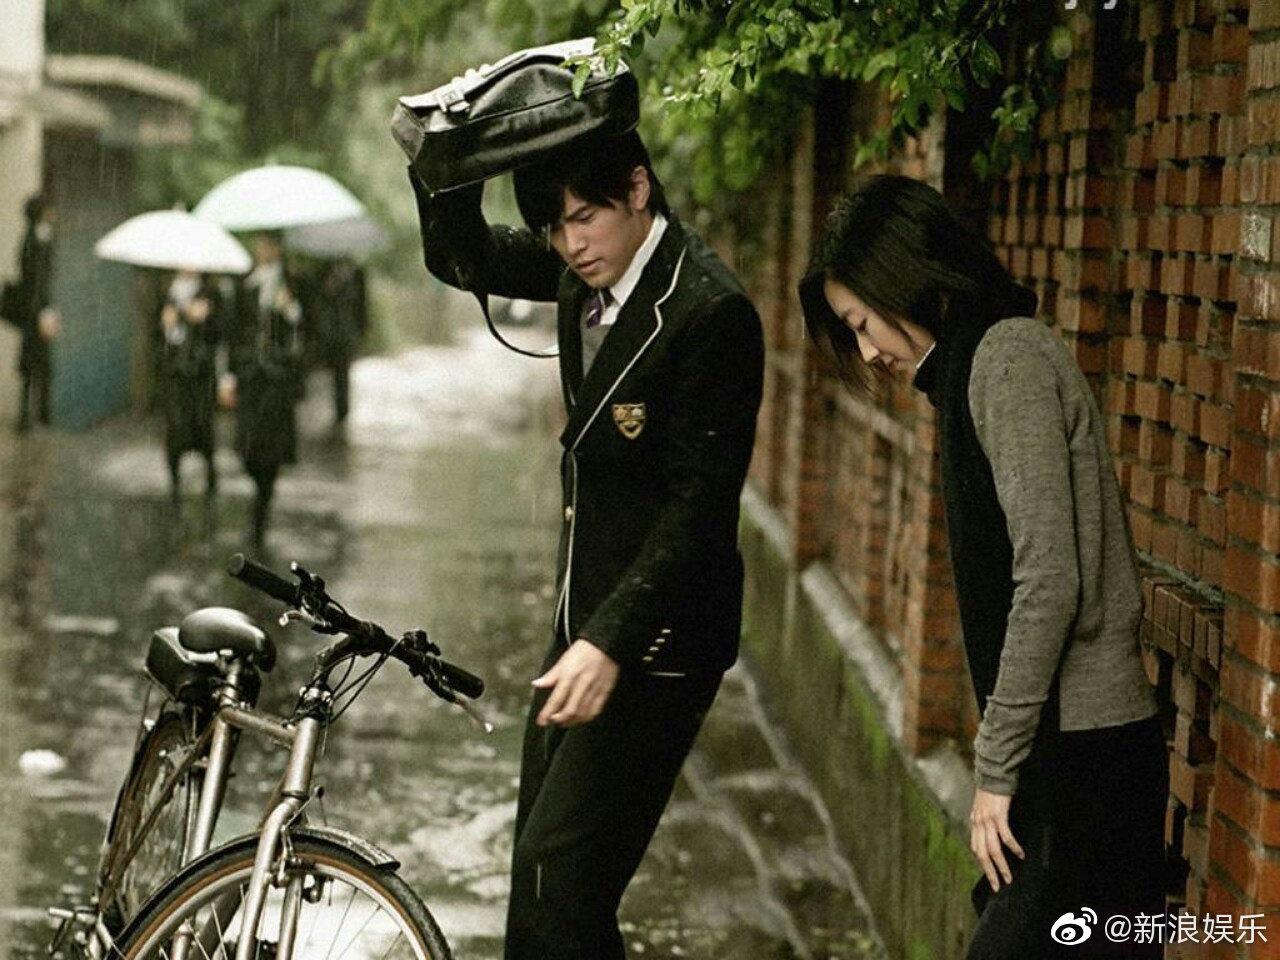 2007年《不能说的秘密》,周杰伦&桂纶镁,叶湘伦&路小雨